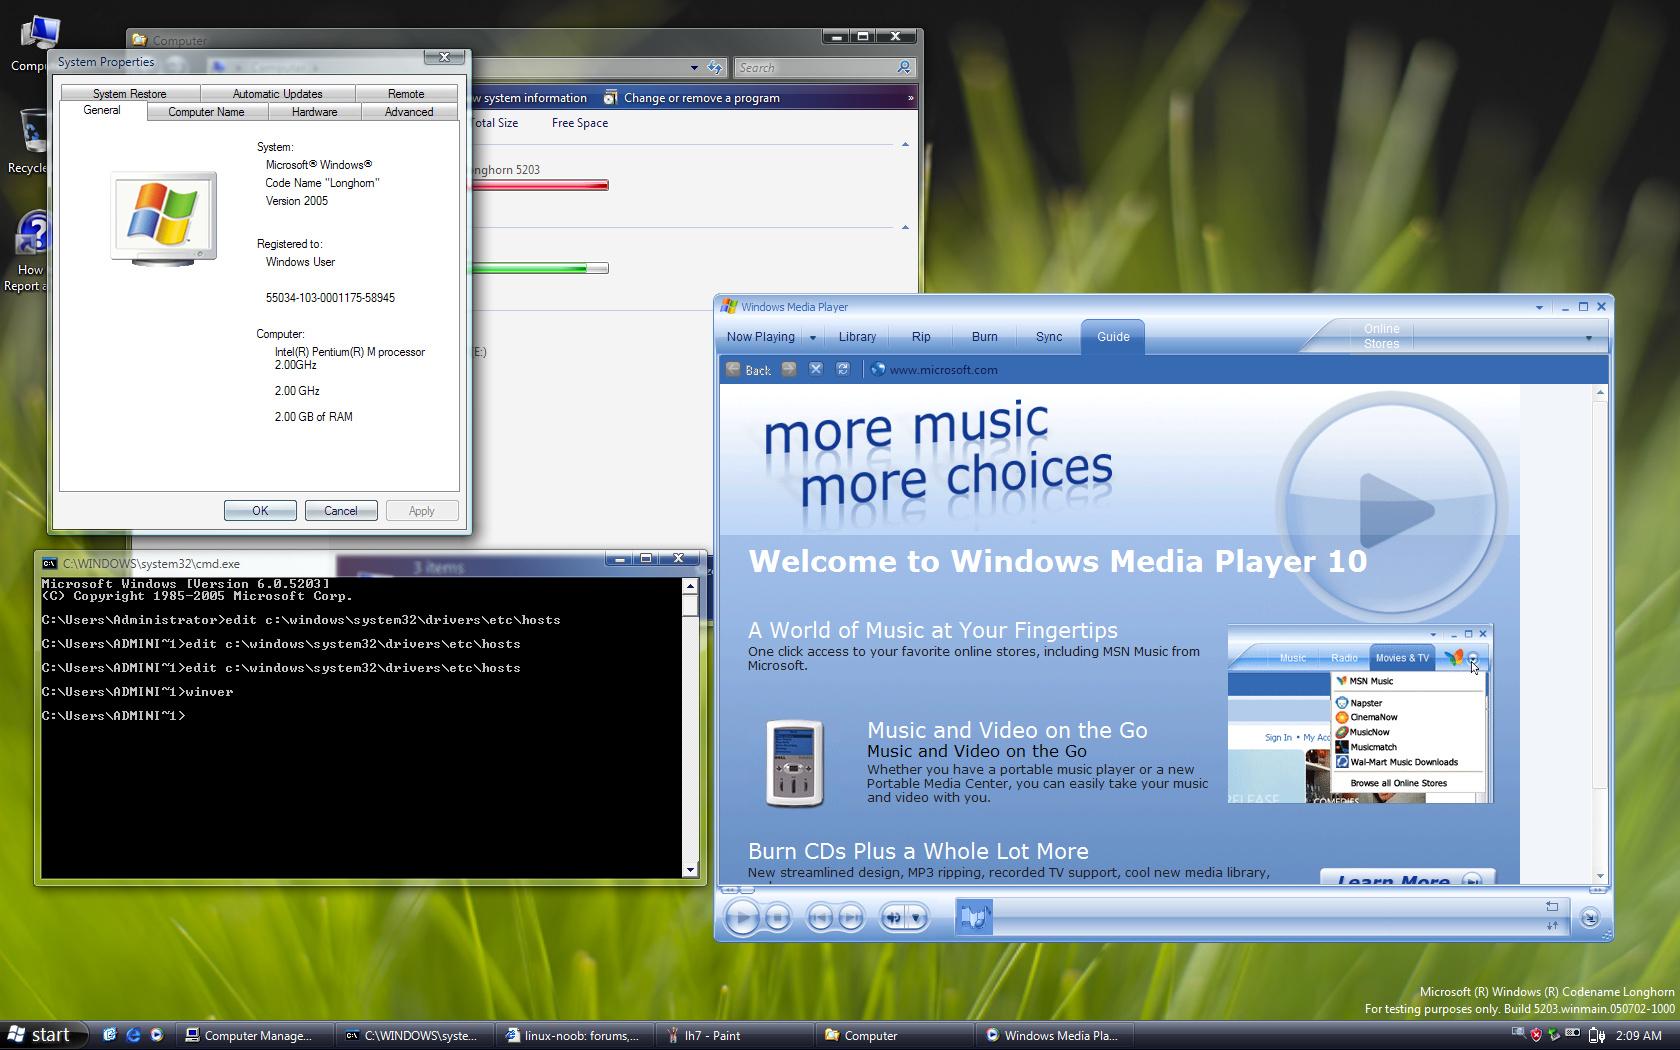 Longhorn Eingabeaufforderung & Windows Media Player